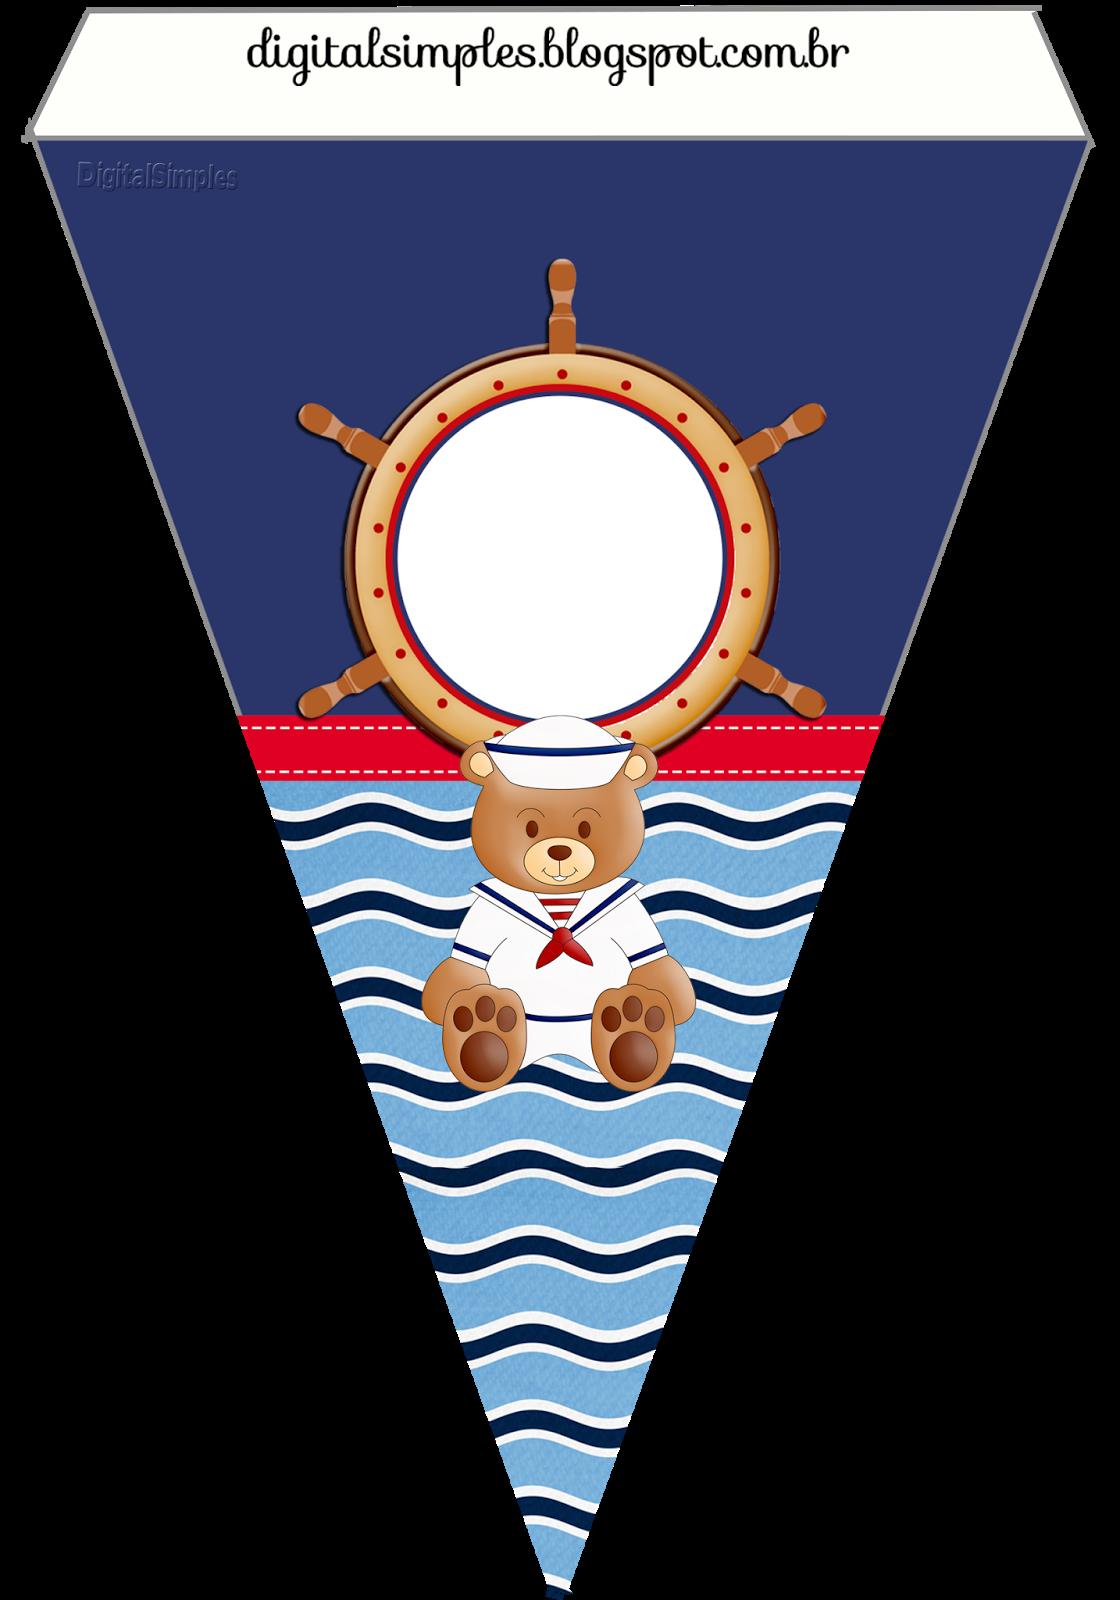 Festival clipart bunting. Kit personalizado ursinho marinheiro